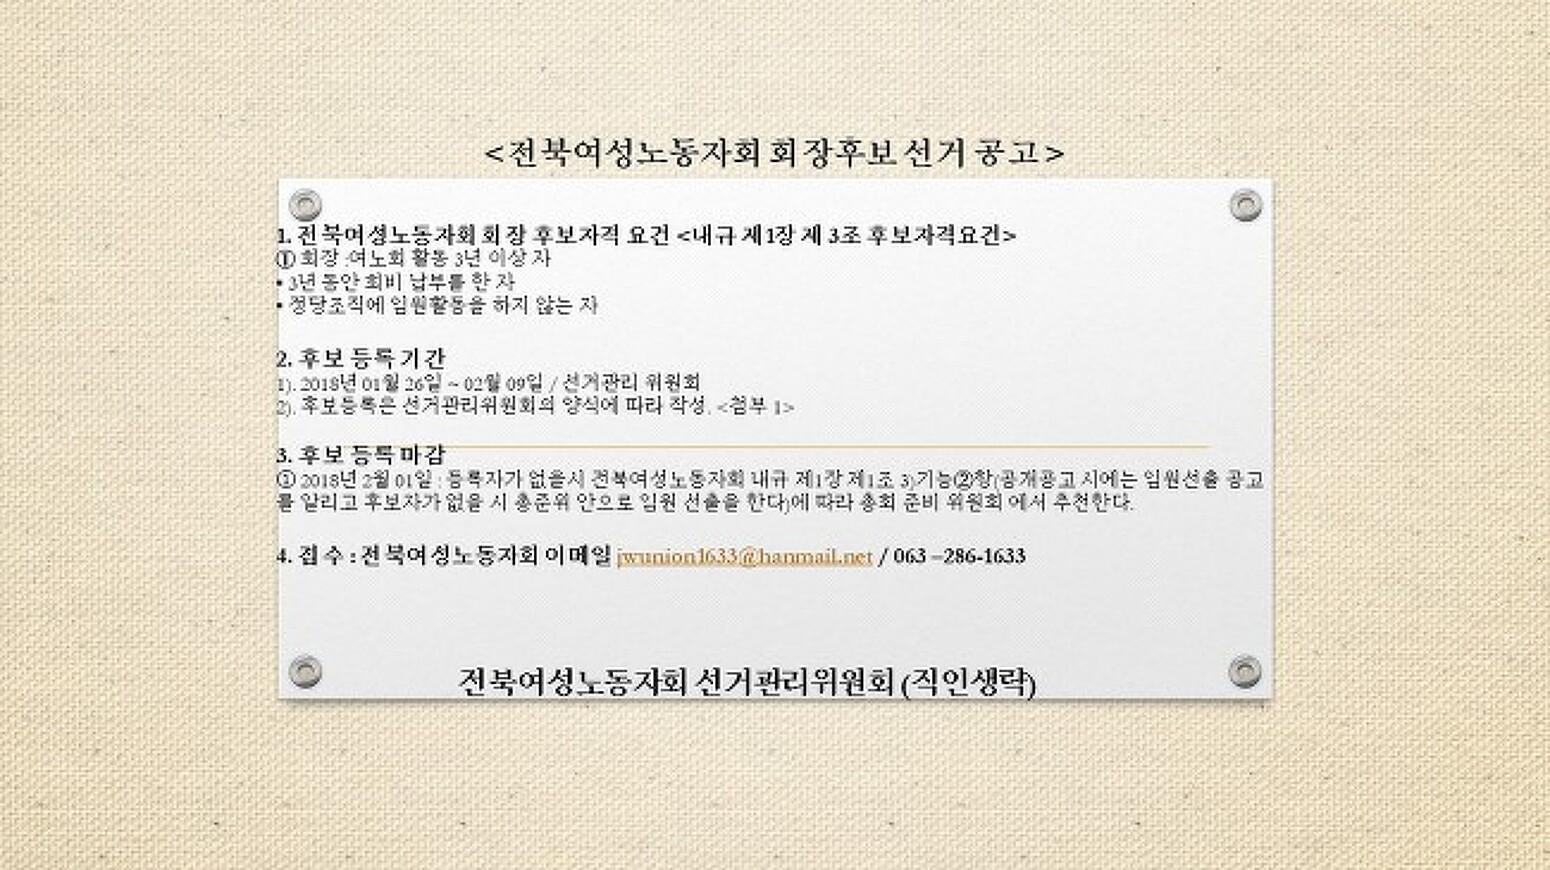 전북여성노동자회 회장후보 선거공고